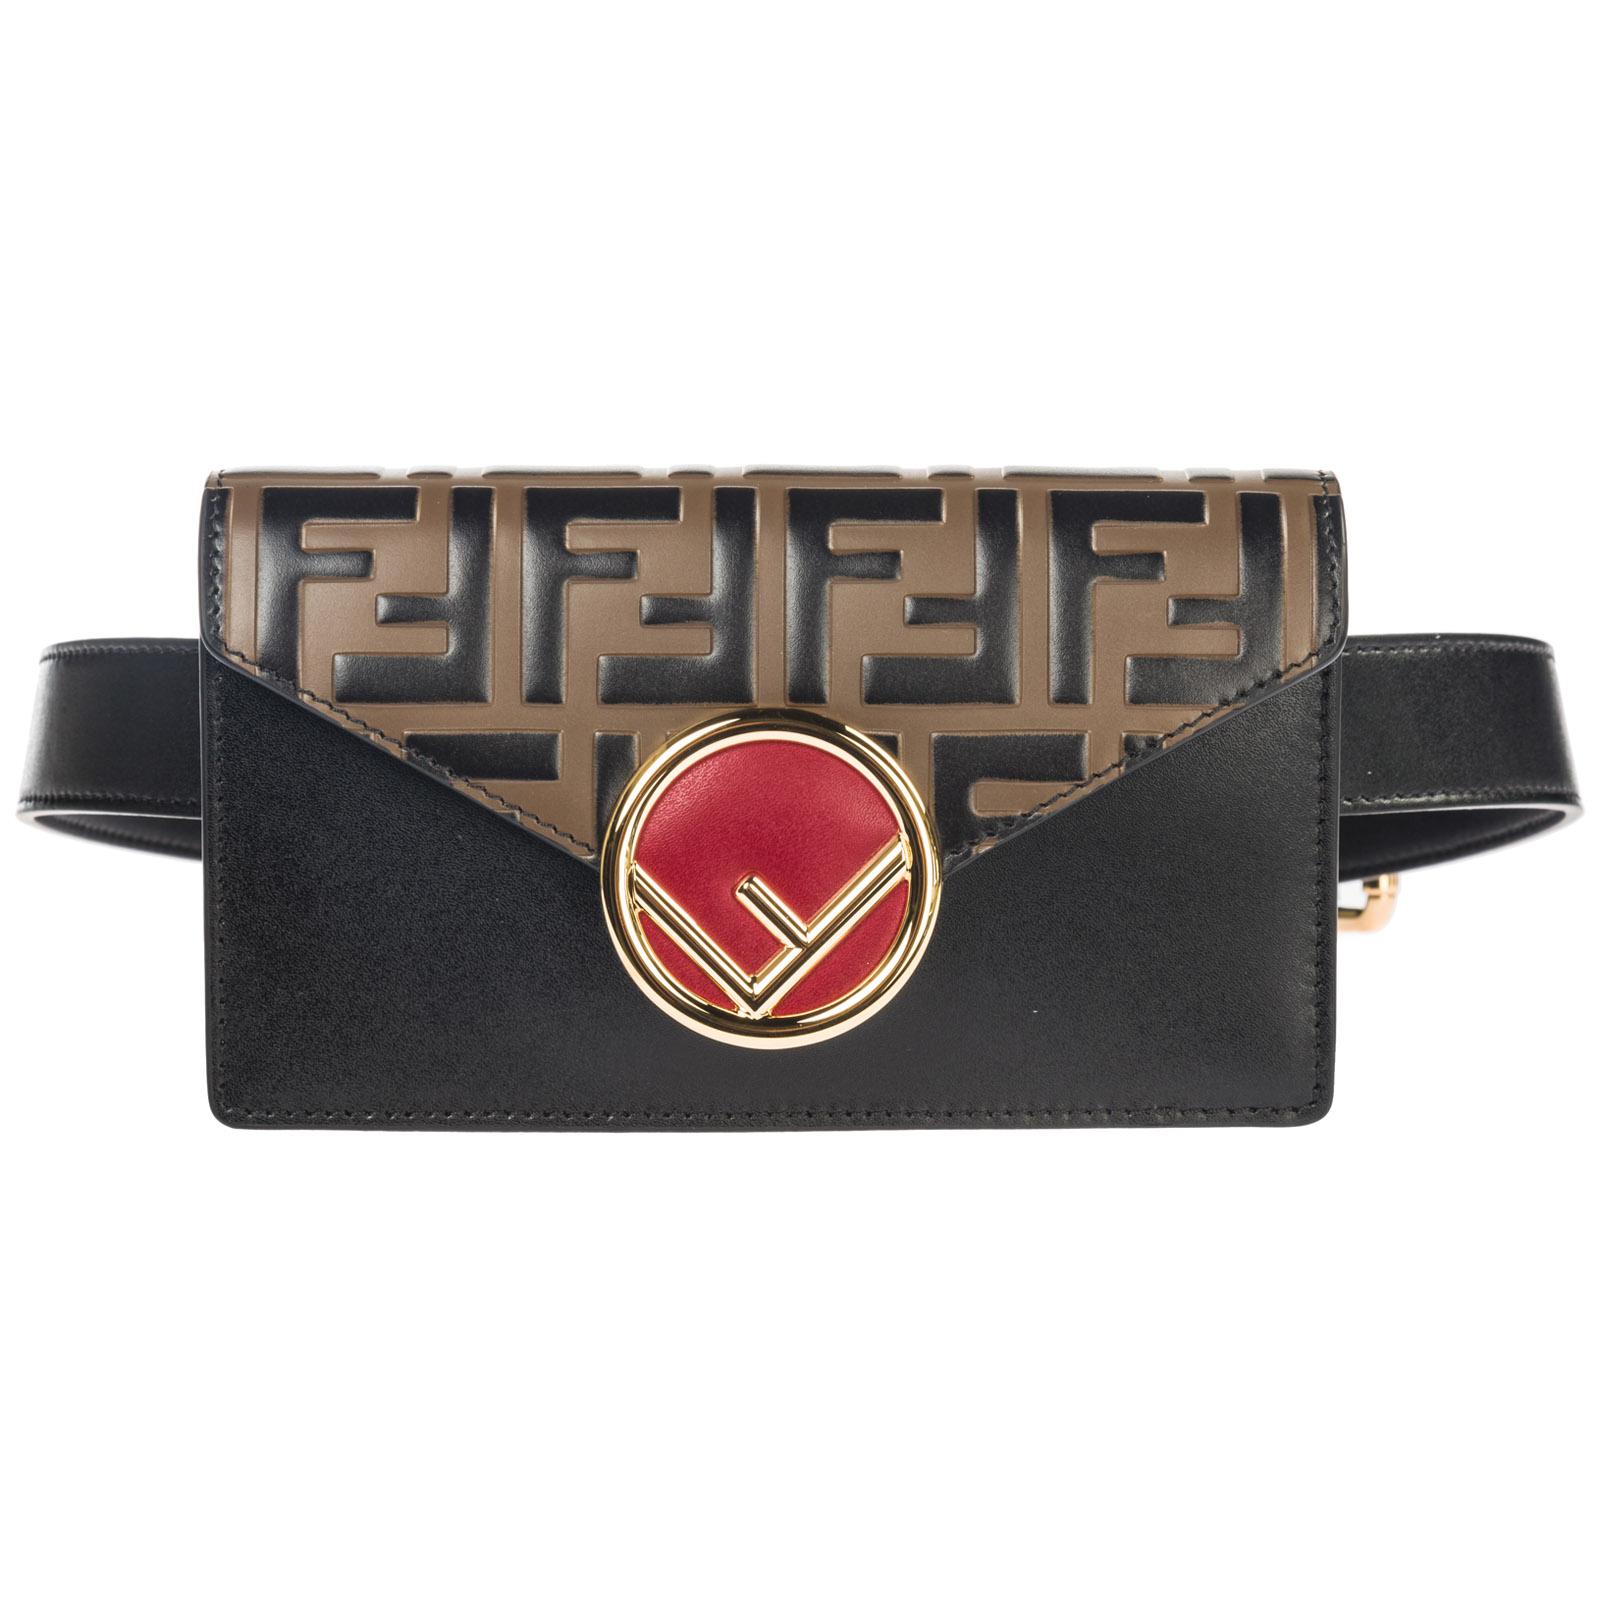 Fendi Women s leather belt bum bag hip pouch eac82e85dd